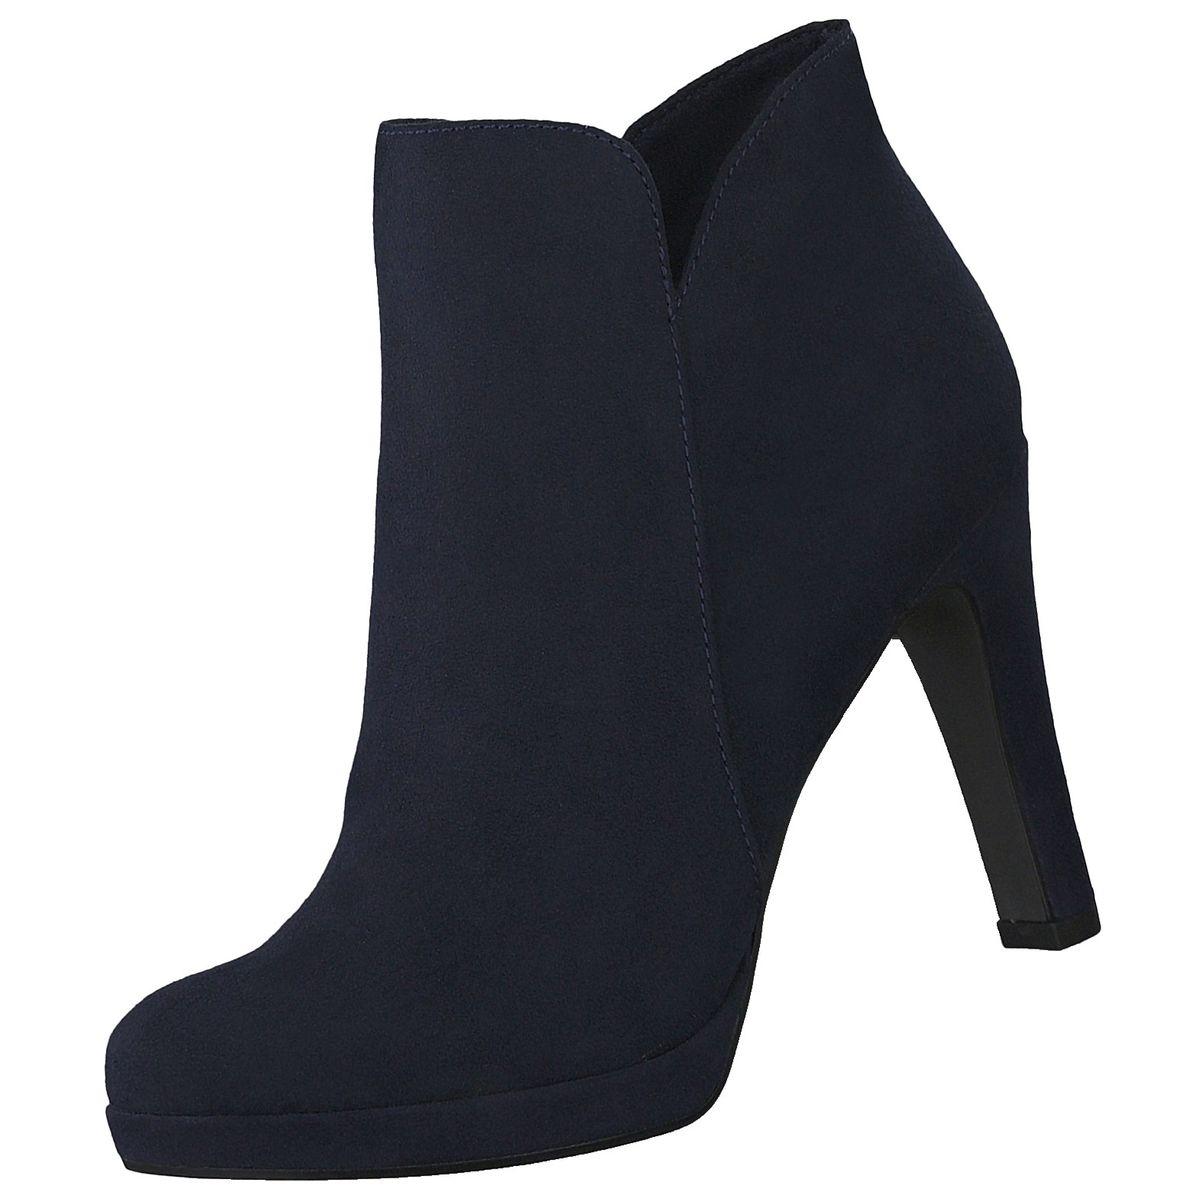 Tamaris Damen Stiefeletten Blau | Trendbereich